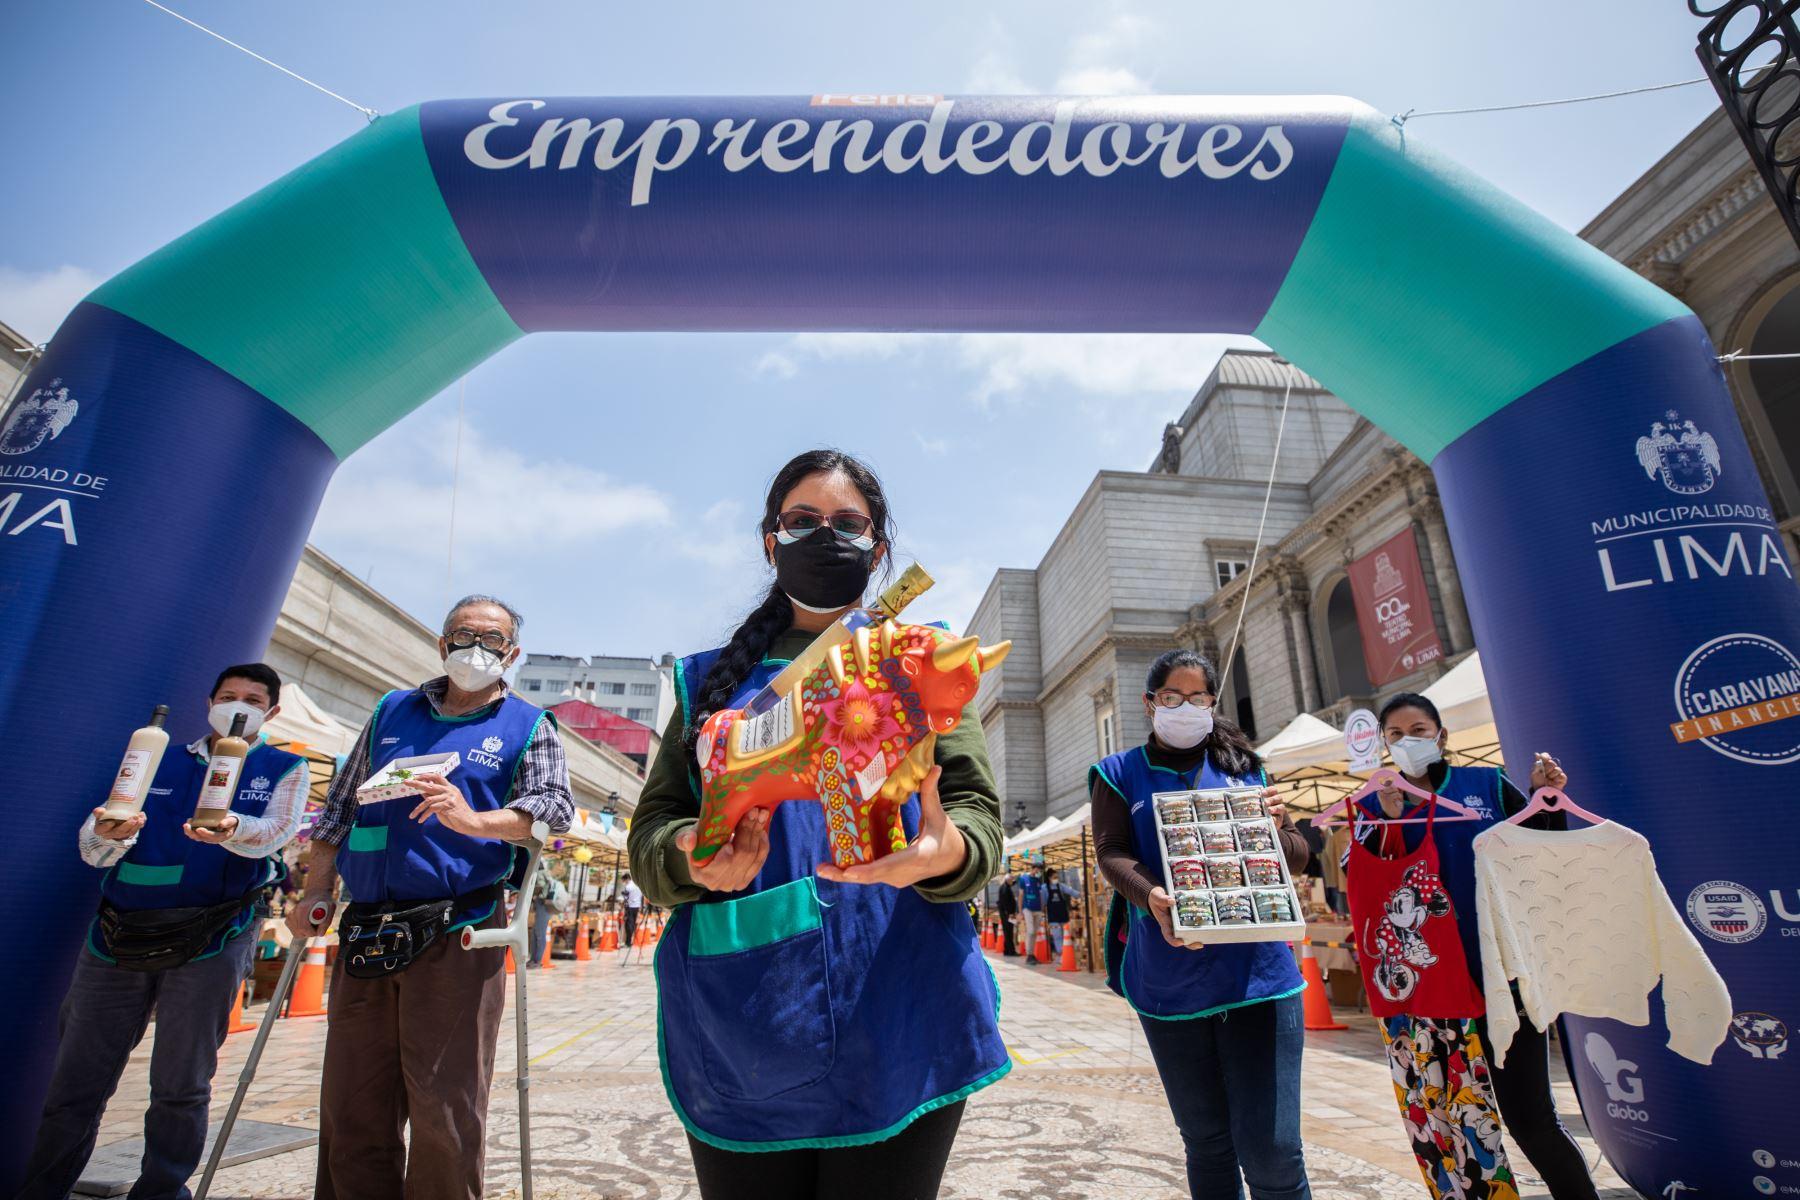 Hasta el domingo 26 de septiembre, la Municipalidad de Lima organizará la feria Emprendedores 2021 edición primavera, donde 50 pequeños comerciantes ofrecen ropa y calzado de temporada, artículos para el hogar, implementos e indumentaria para hacer deporte, postres y mucho más. Foto: ANDINA/Municipalidad de Lima